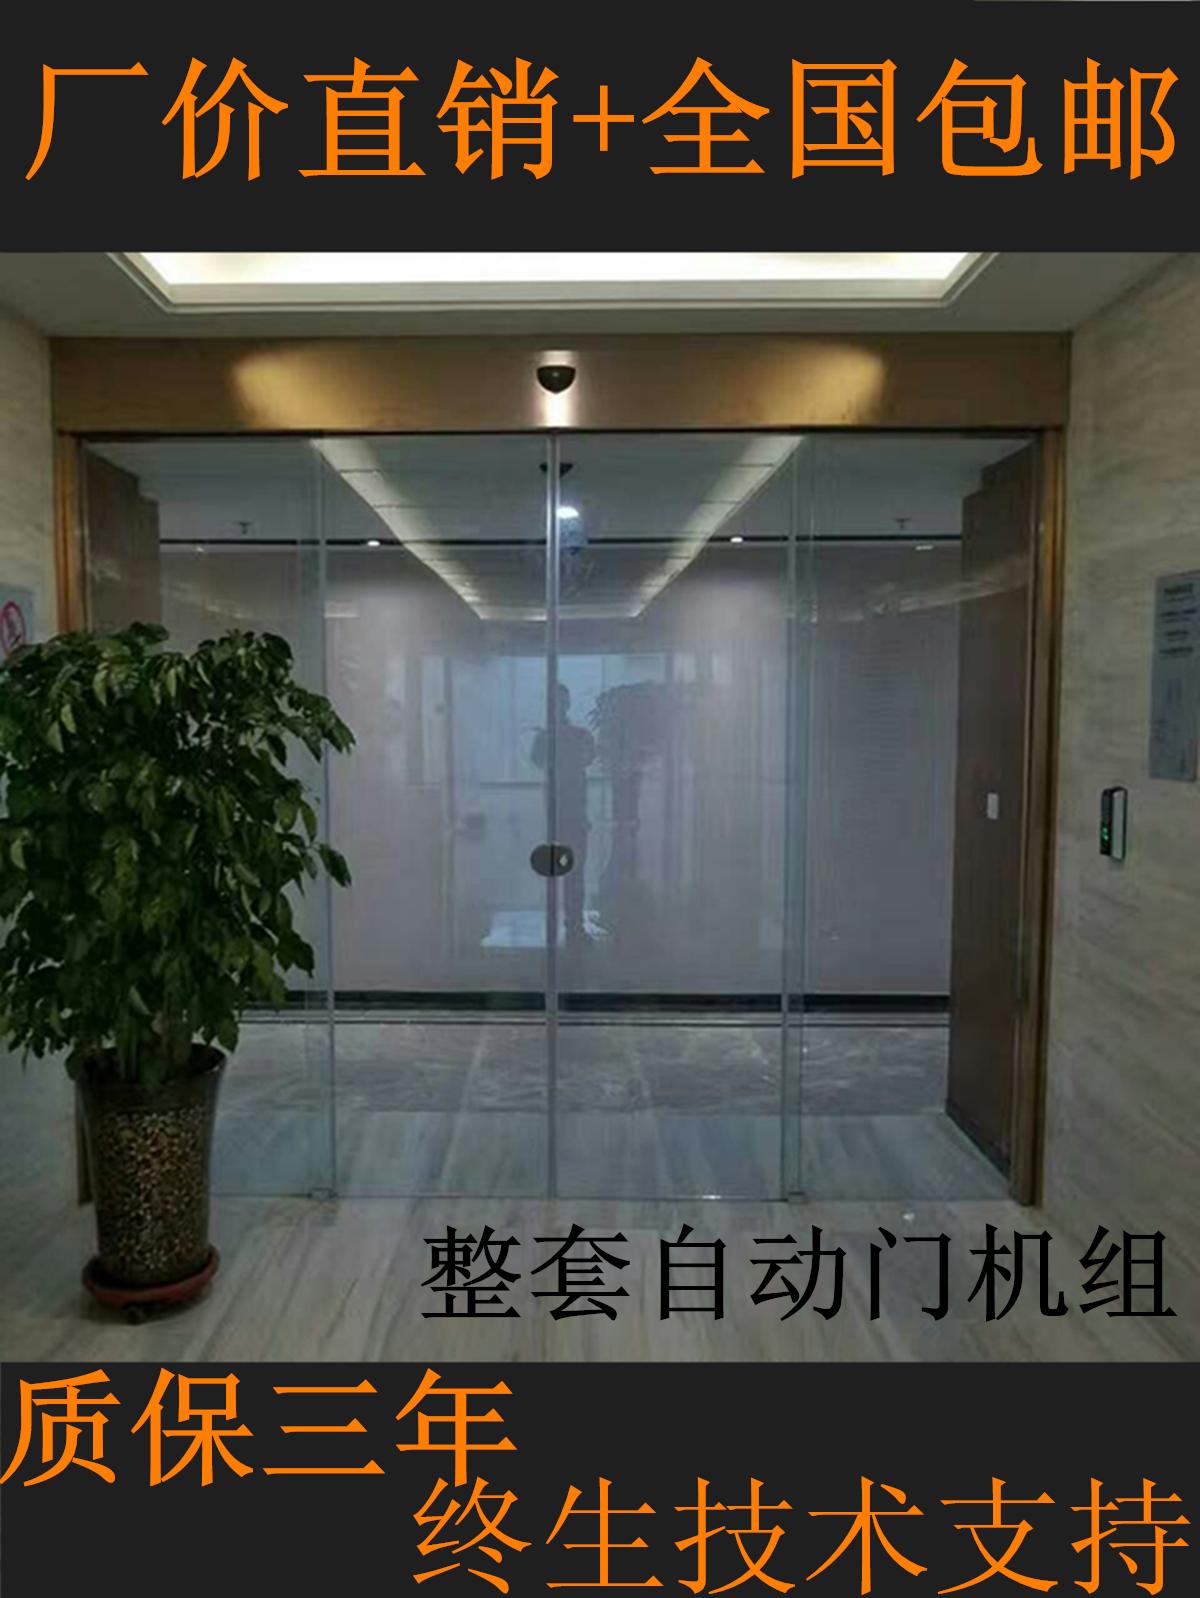 palubní zařízení pro automatické dveře neotvíral dveře automatické dveře skleněné elektrické stroje hlavní soubor